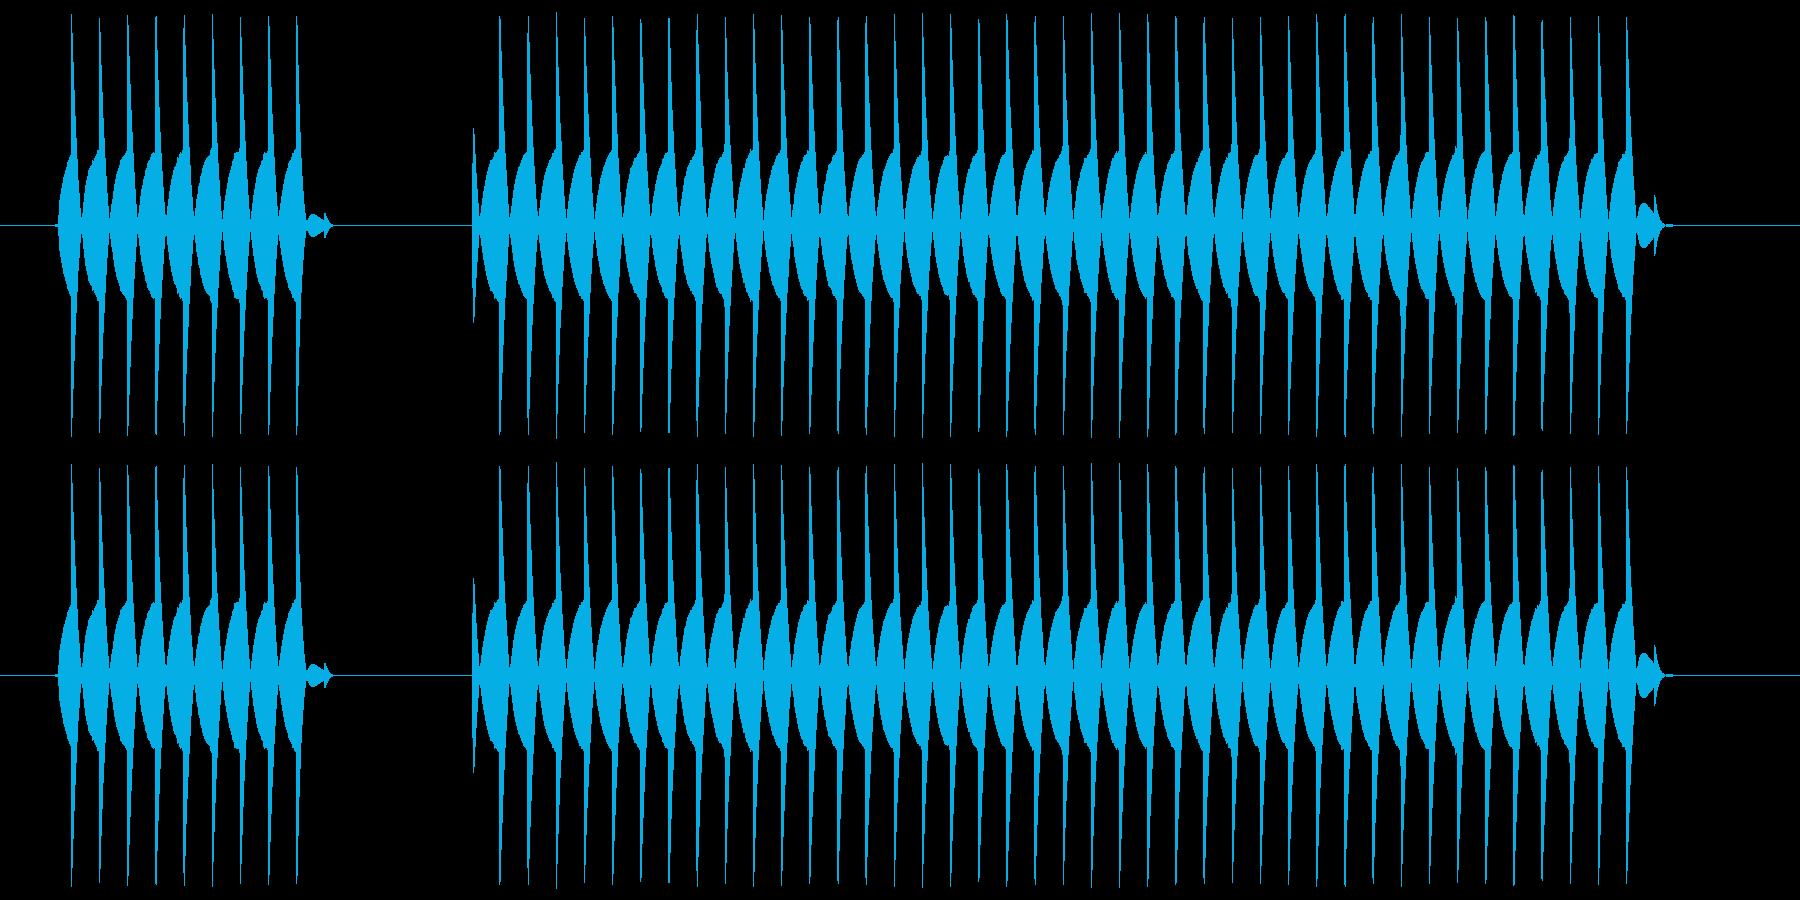 ブブー、というクイズの不正解音ですの再生済みの波形